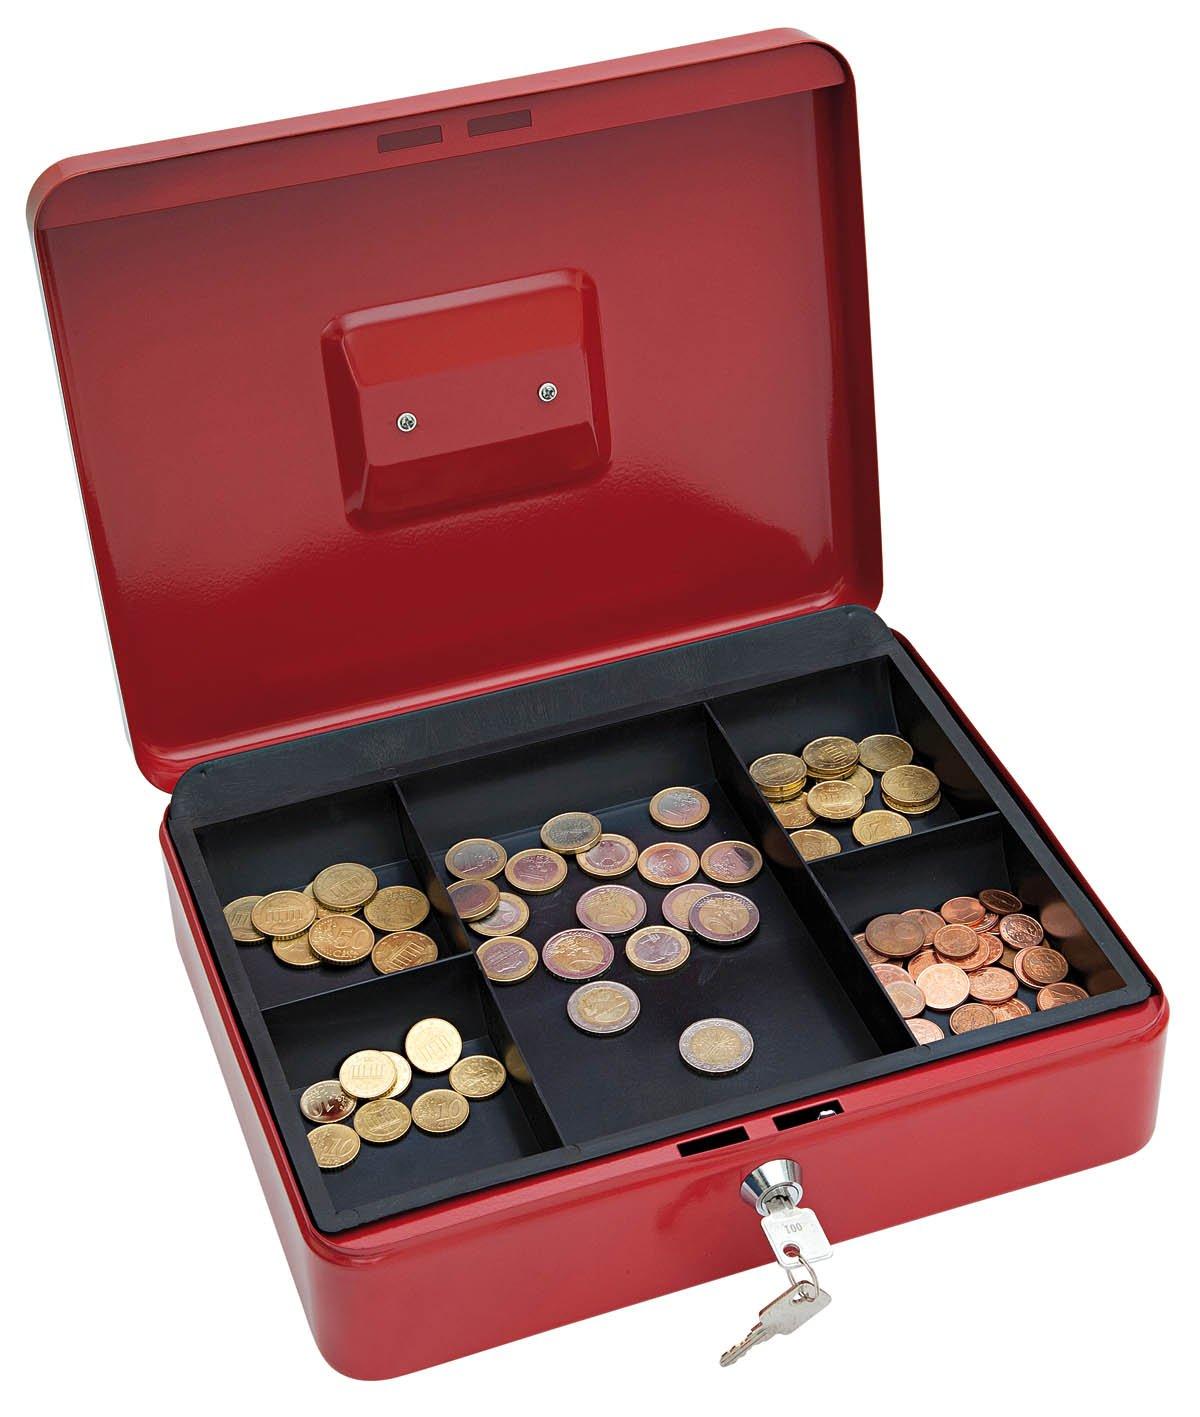 schwarz aus pulverbeschichtetem Stahl, versenkbarer Griff, 5-F/ächer-M/ünzeinsatz, Sicherheits-Zylinderschloss, 30 x 24 x 9 cm Wedo 145421X Geldkassette